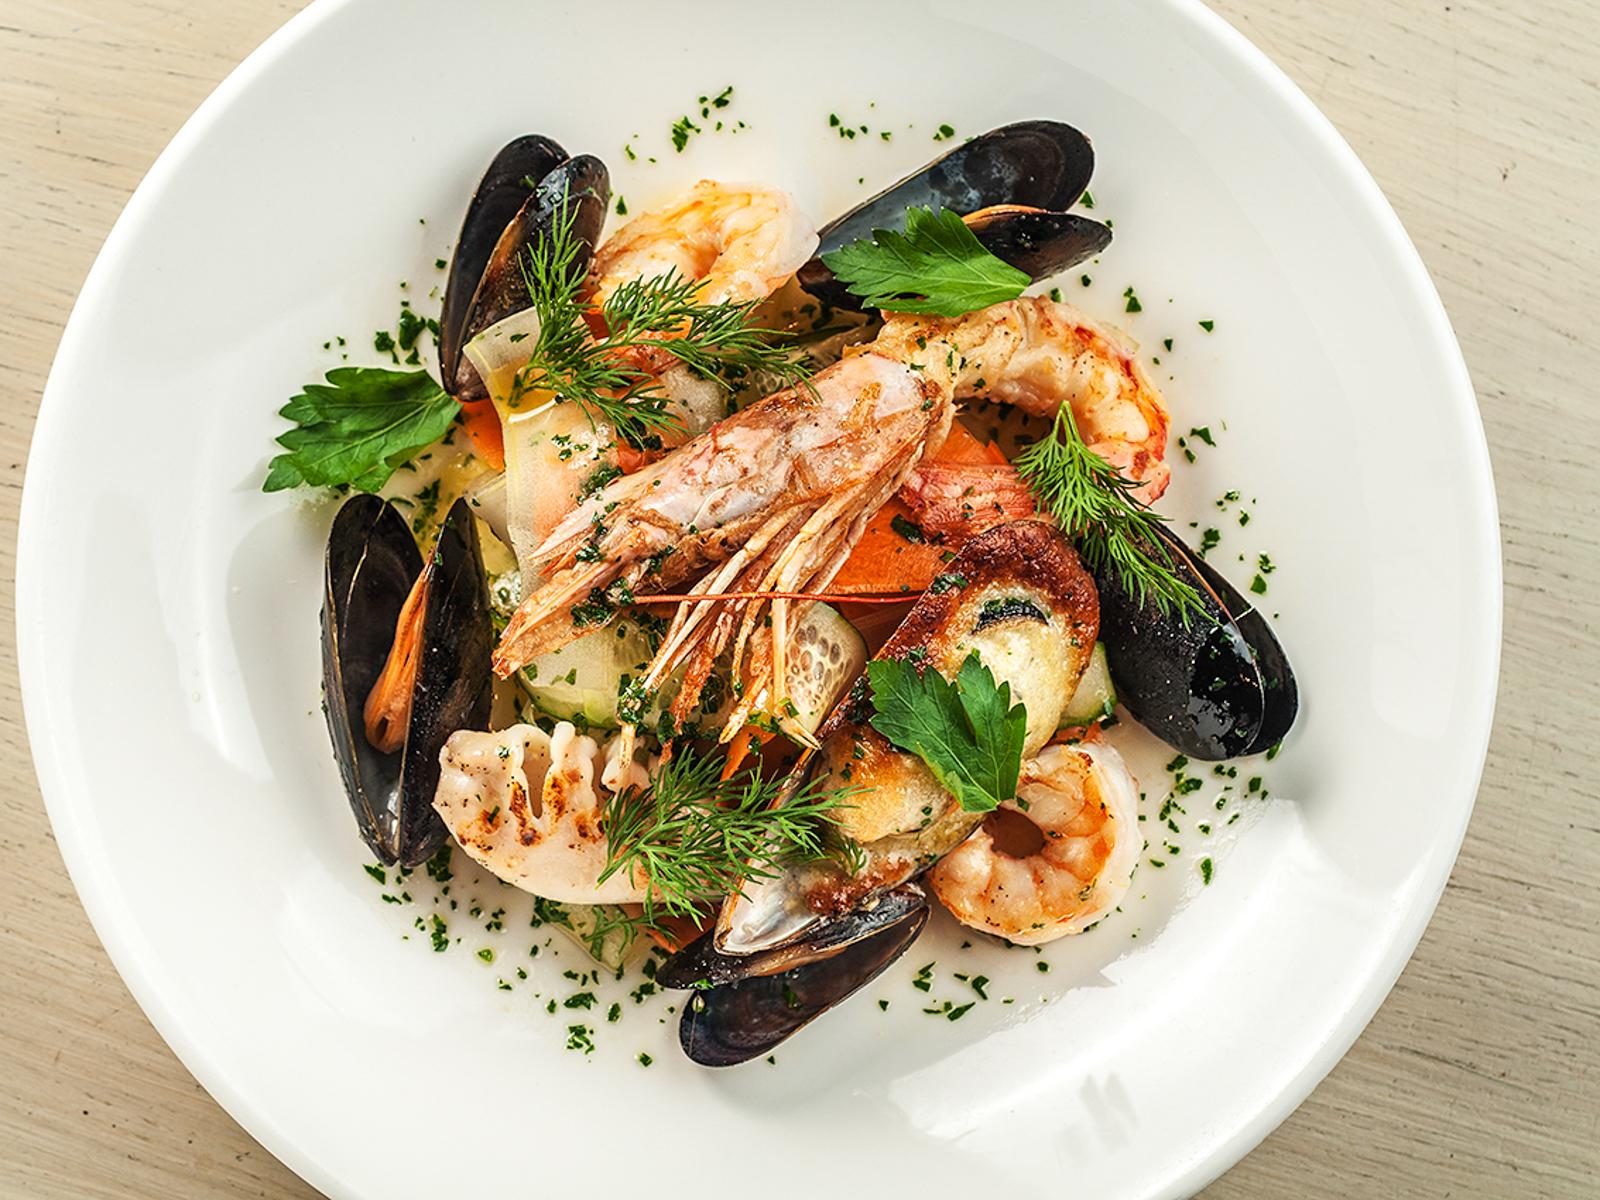 Салат теплые морепродукты в лимонно-оливковом соусе